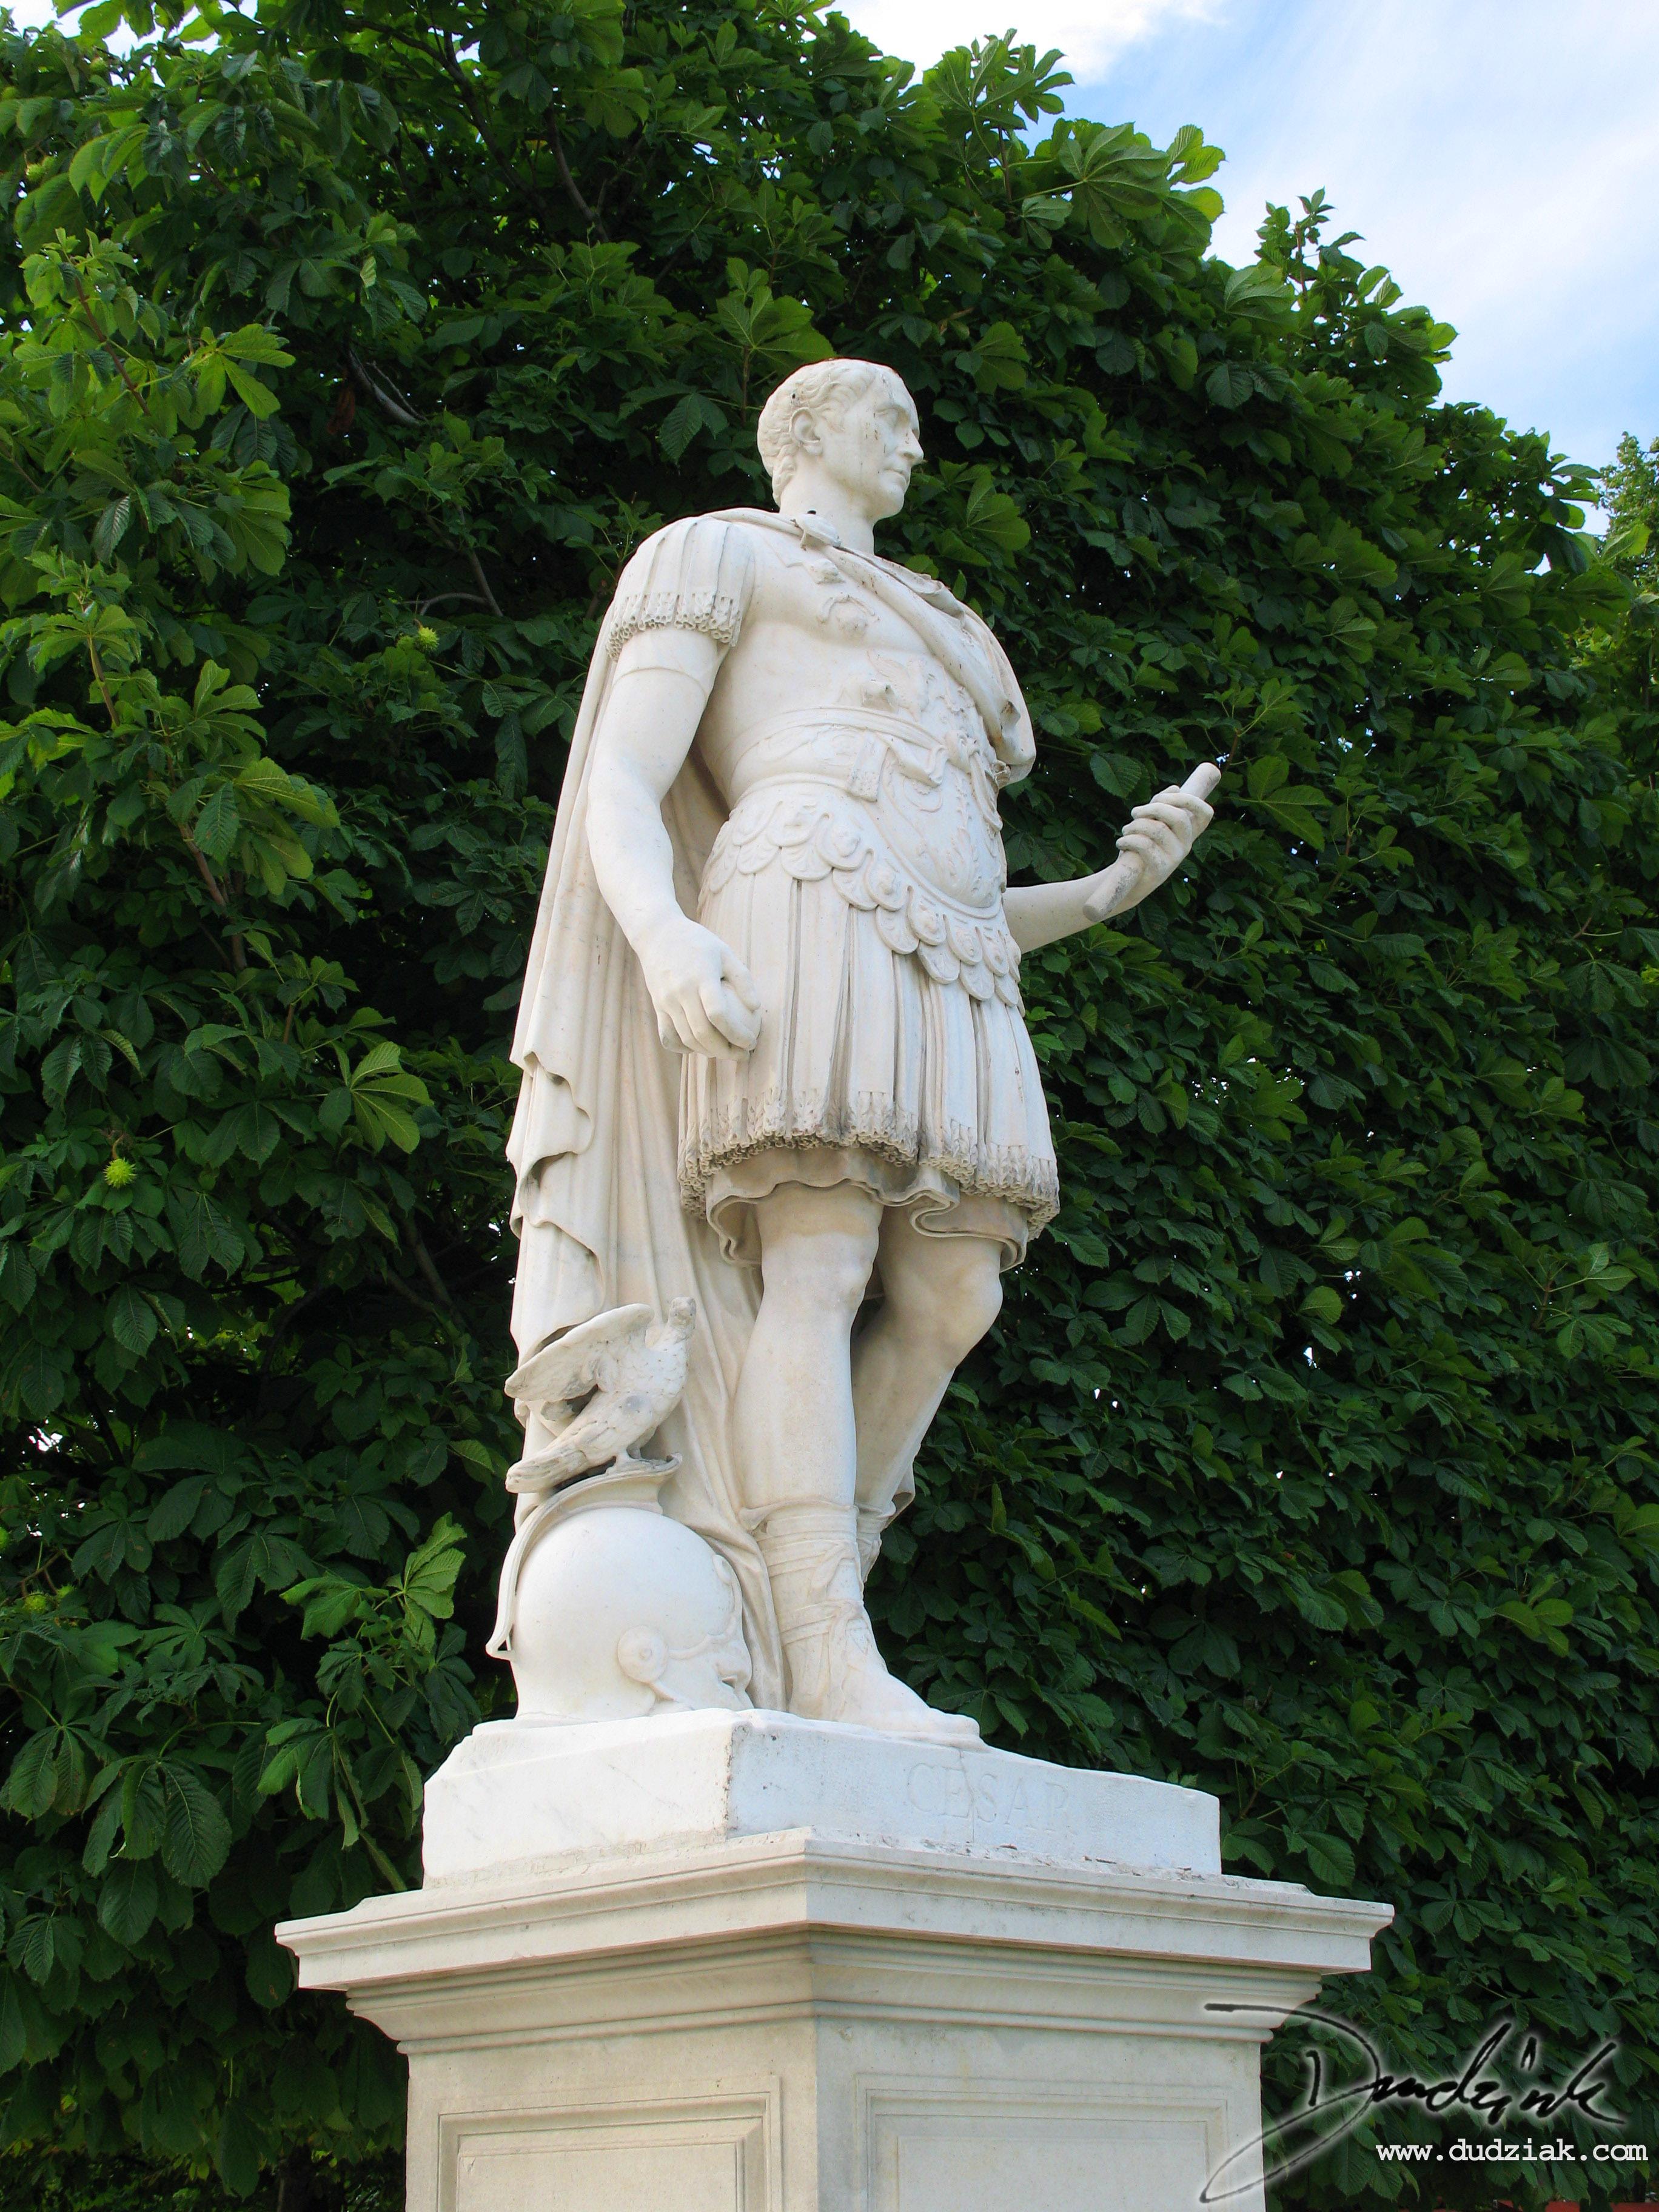 Statue of cesar louvre museum 2736x3648 - Sculpture jardin des tuileries ...